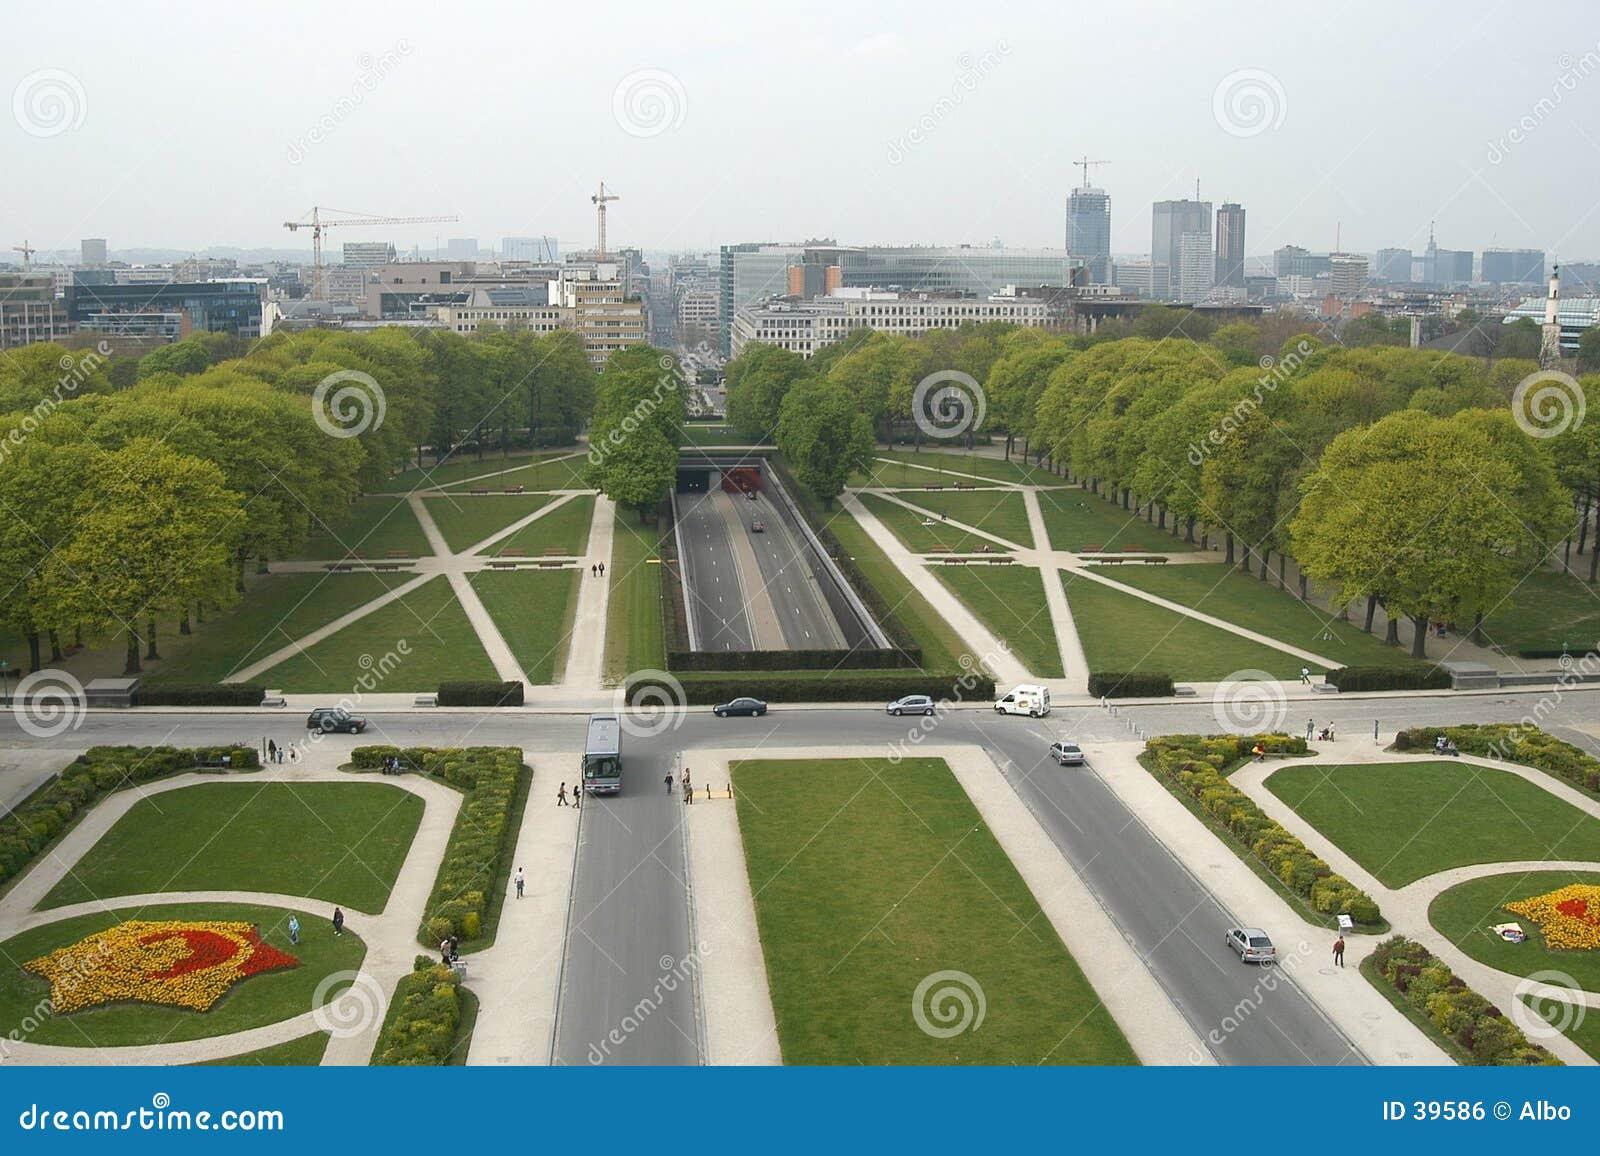 Brussels: Parc du Cinquantenaire